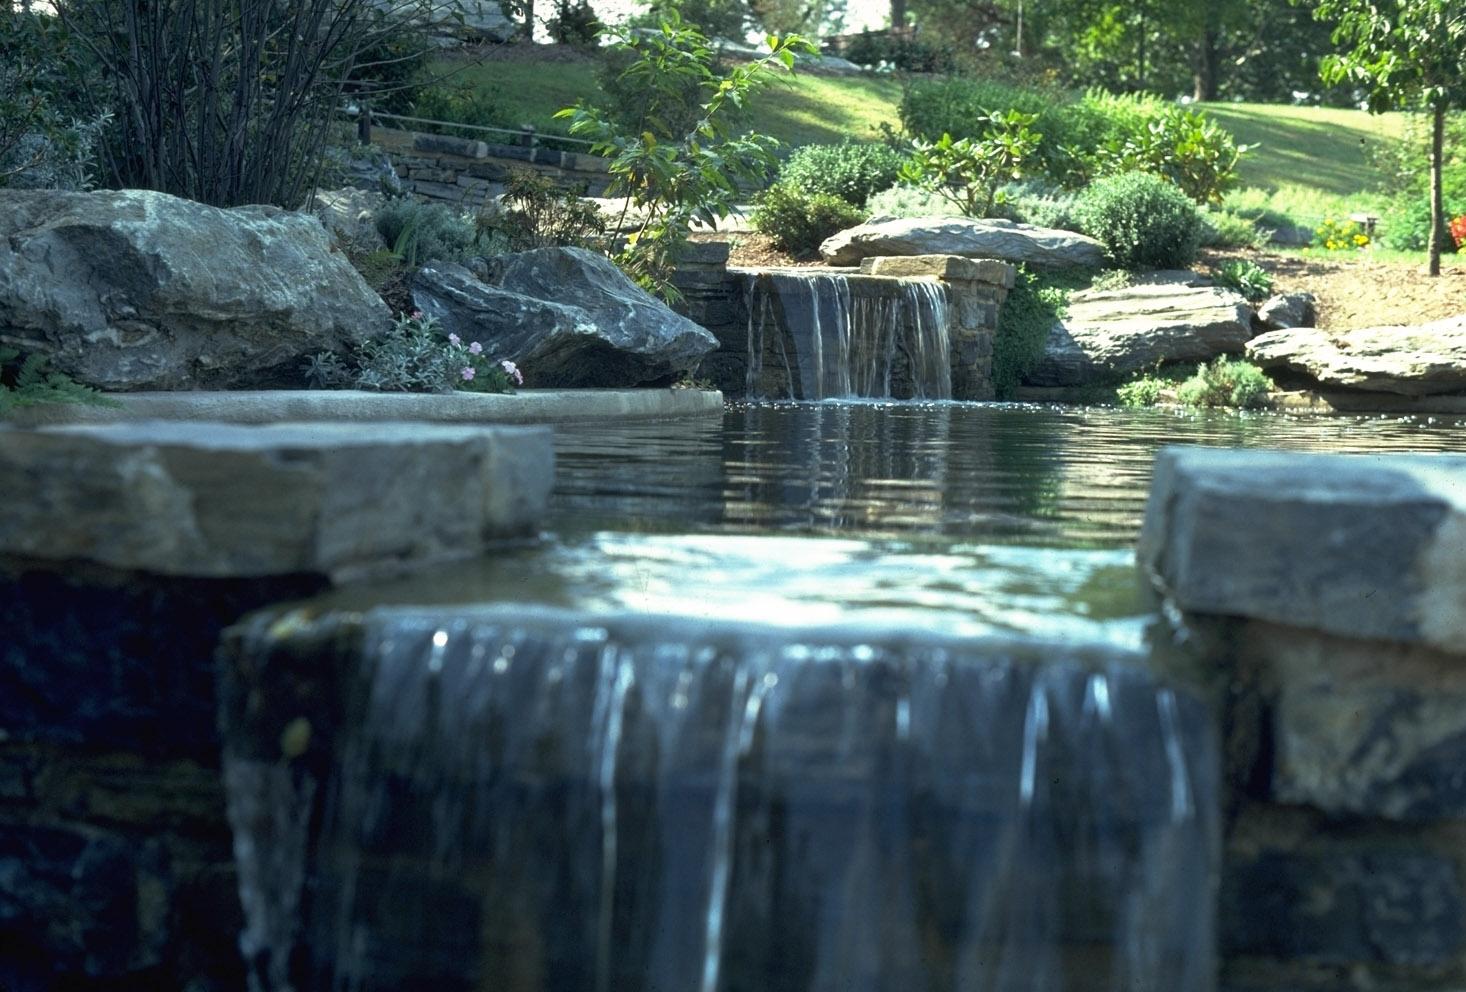 Lancaster County Central Park Garden 5 Photo 1